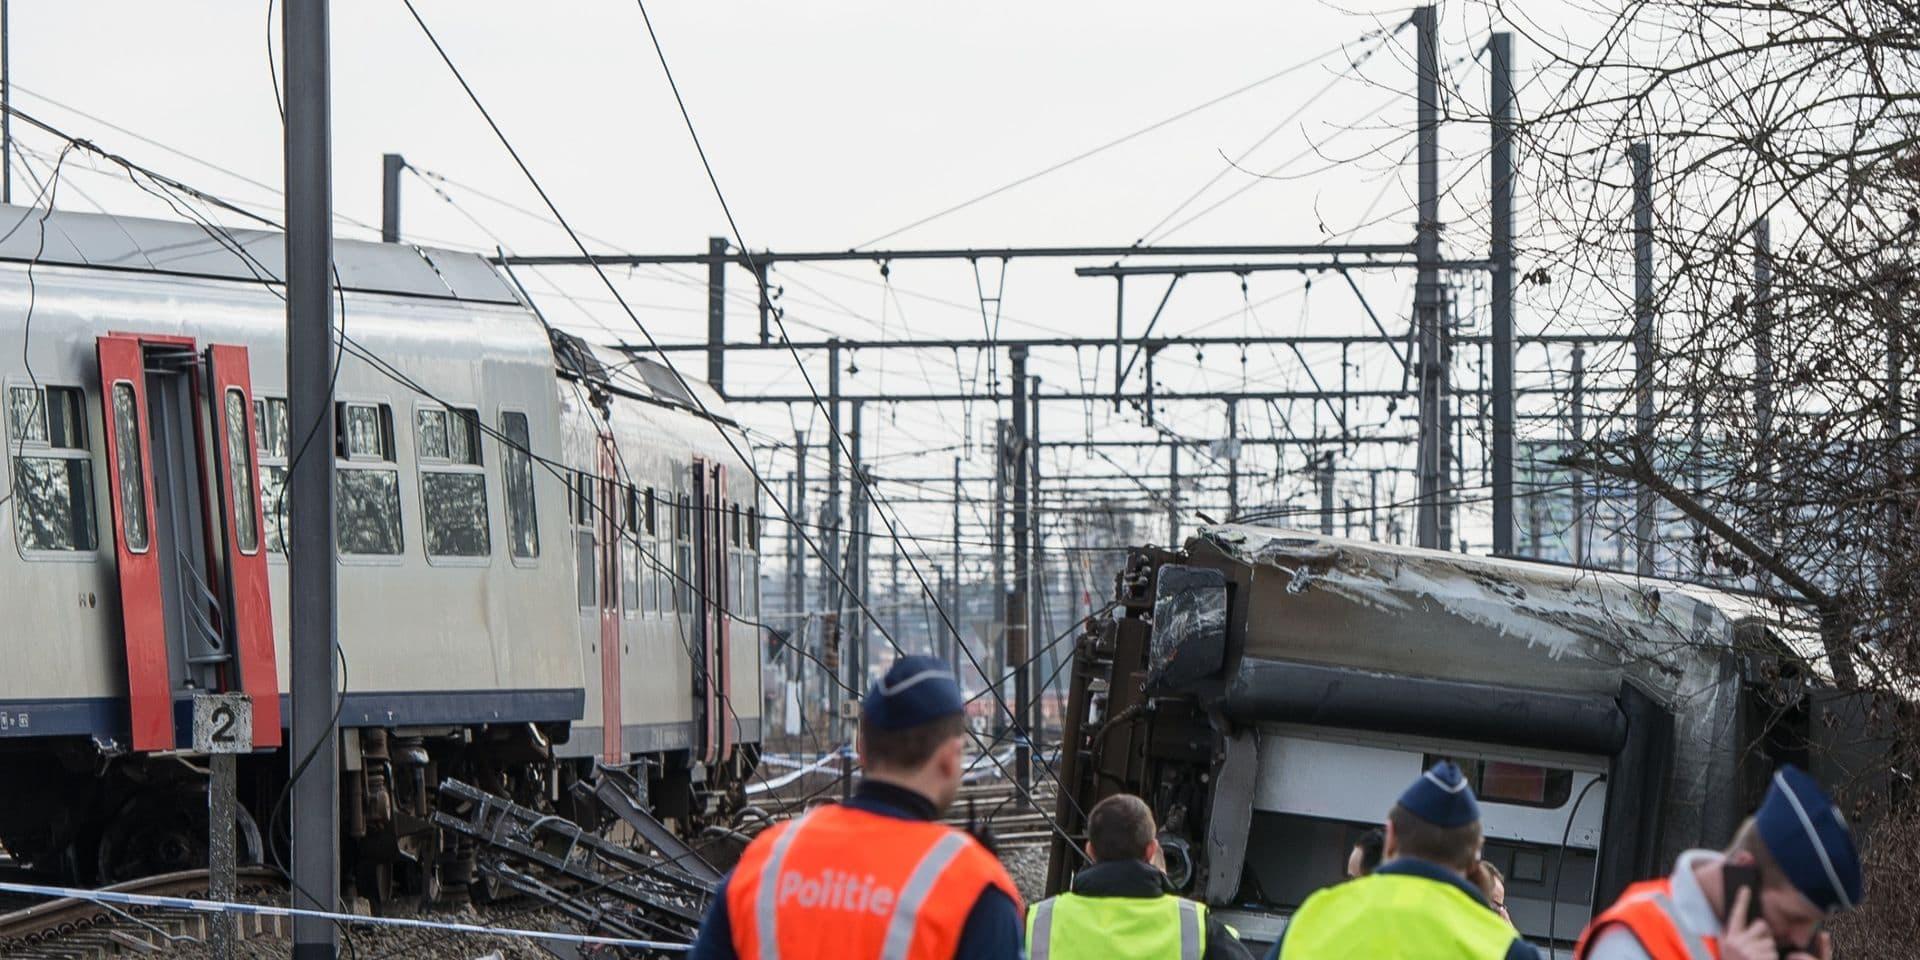 Déraillement d'un train à Louvain en 2017: le conducteur qui roulait trop vite risque 12 mois de prison